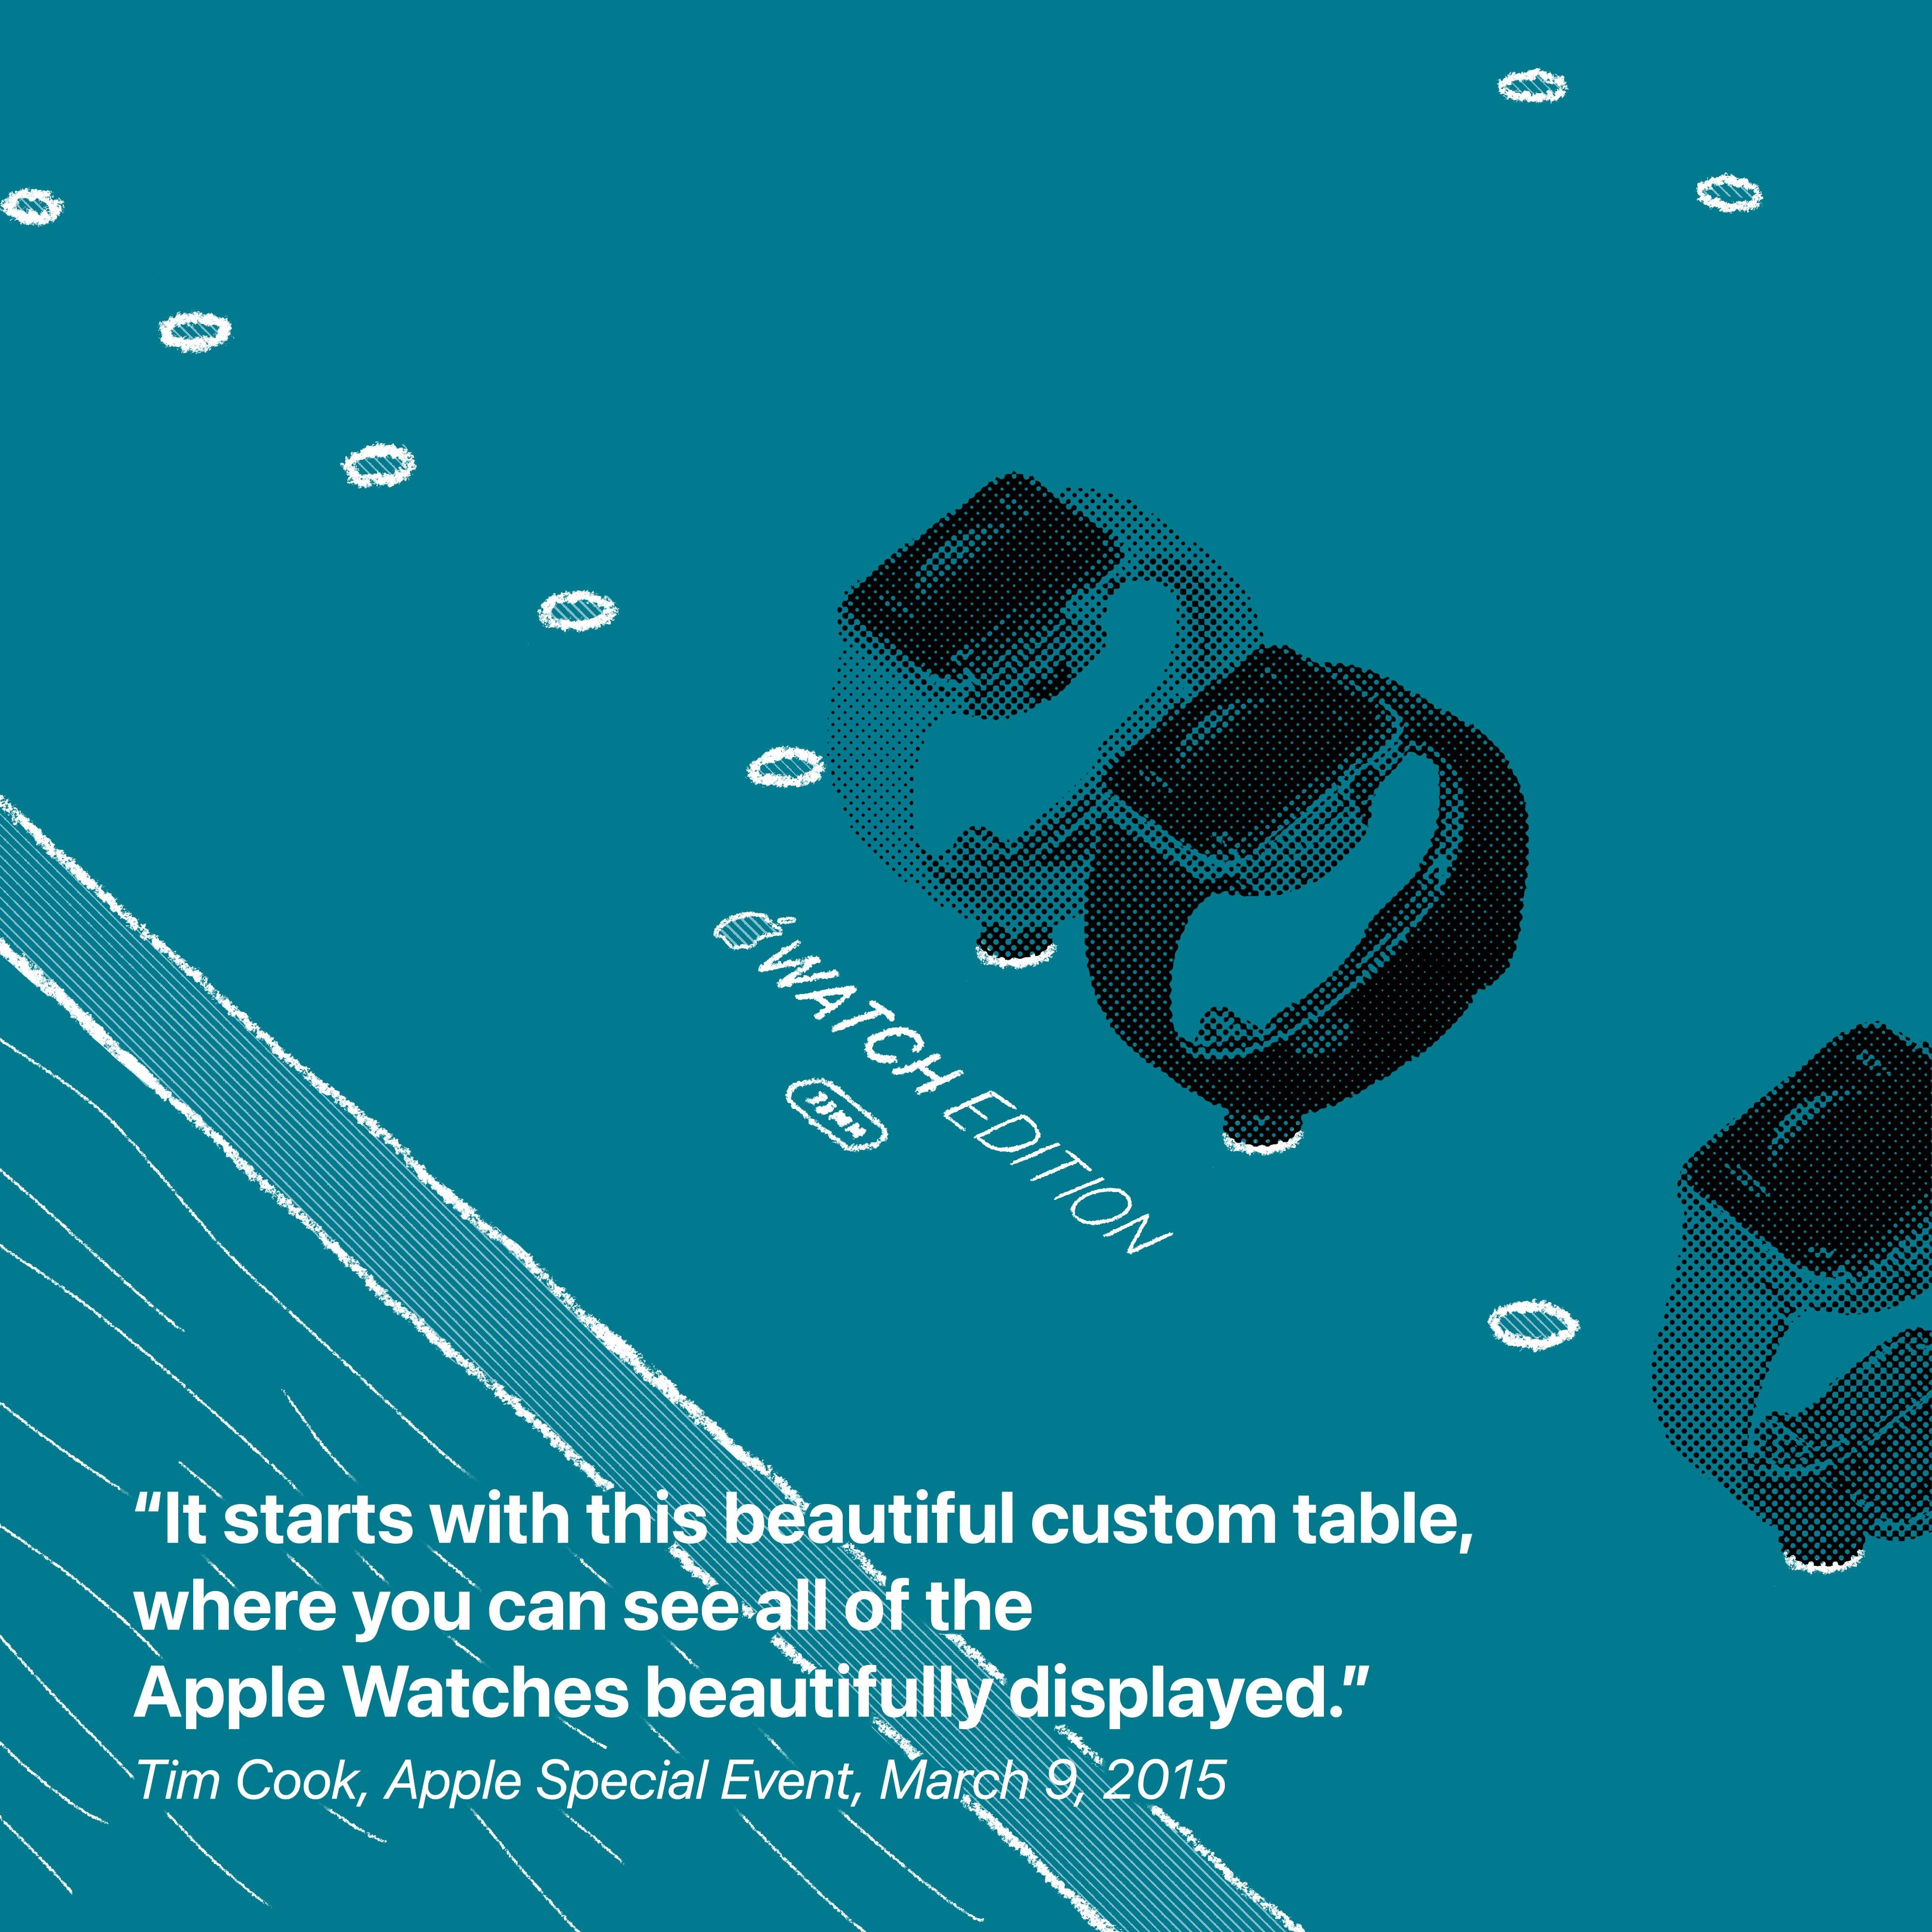 """""""Cela commence par cette belle table personnalisée, où vous pouvez voir toutes les montres Apple magnifiquement exposées."""" Tim Cook, événement spécial Apple, 9 mars 2015"""